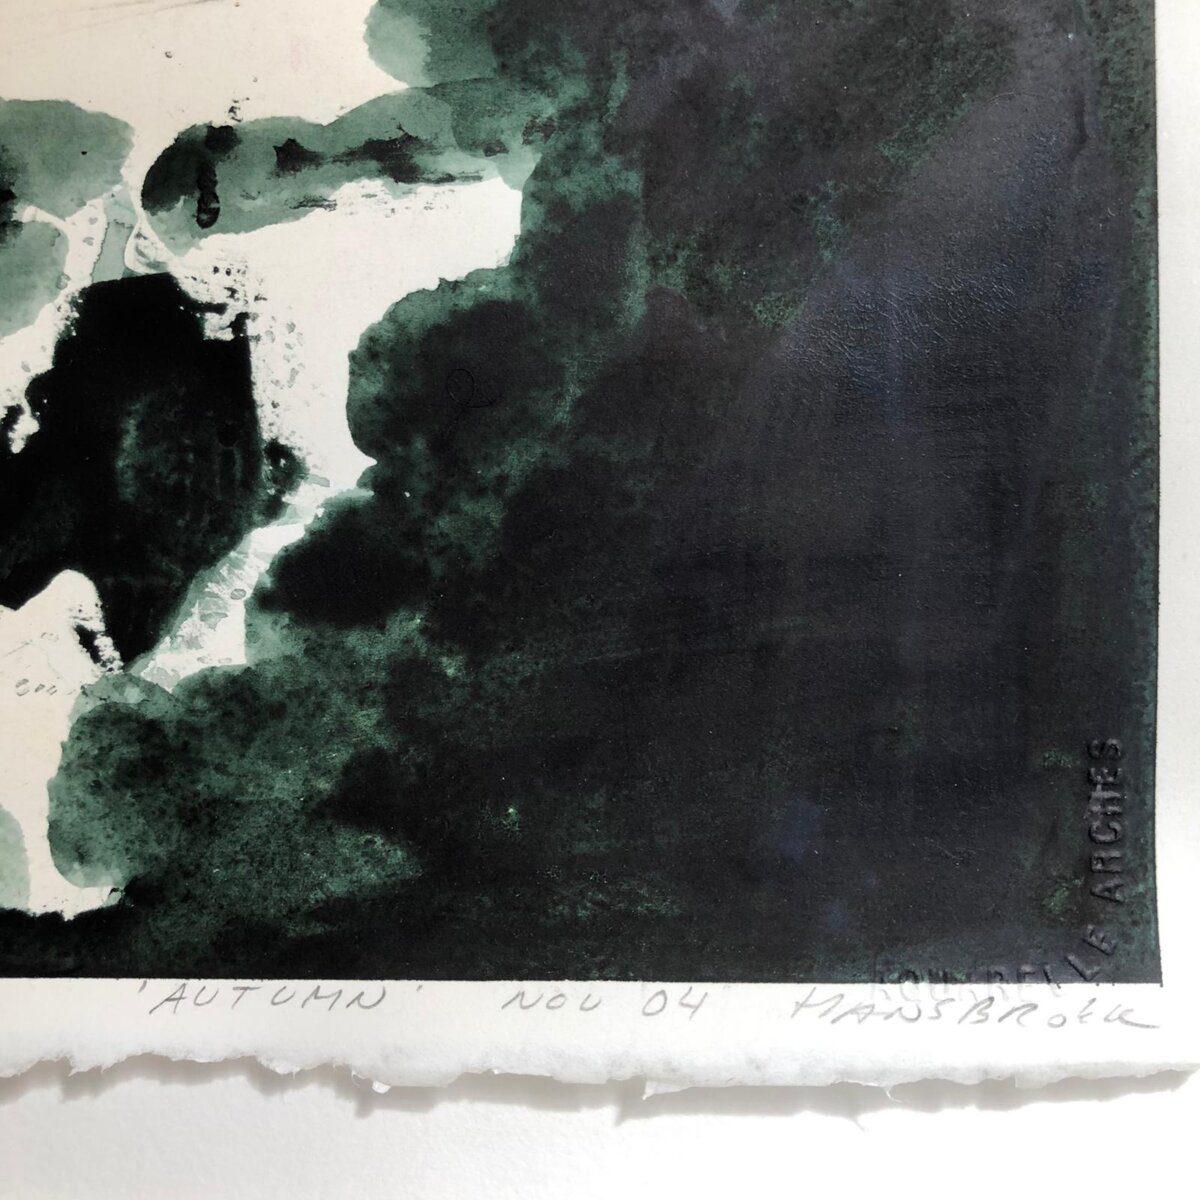 Hans Broek, Autumn (2004) detail 3